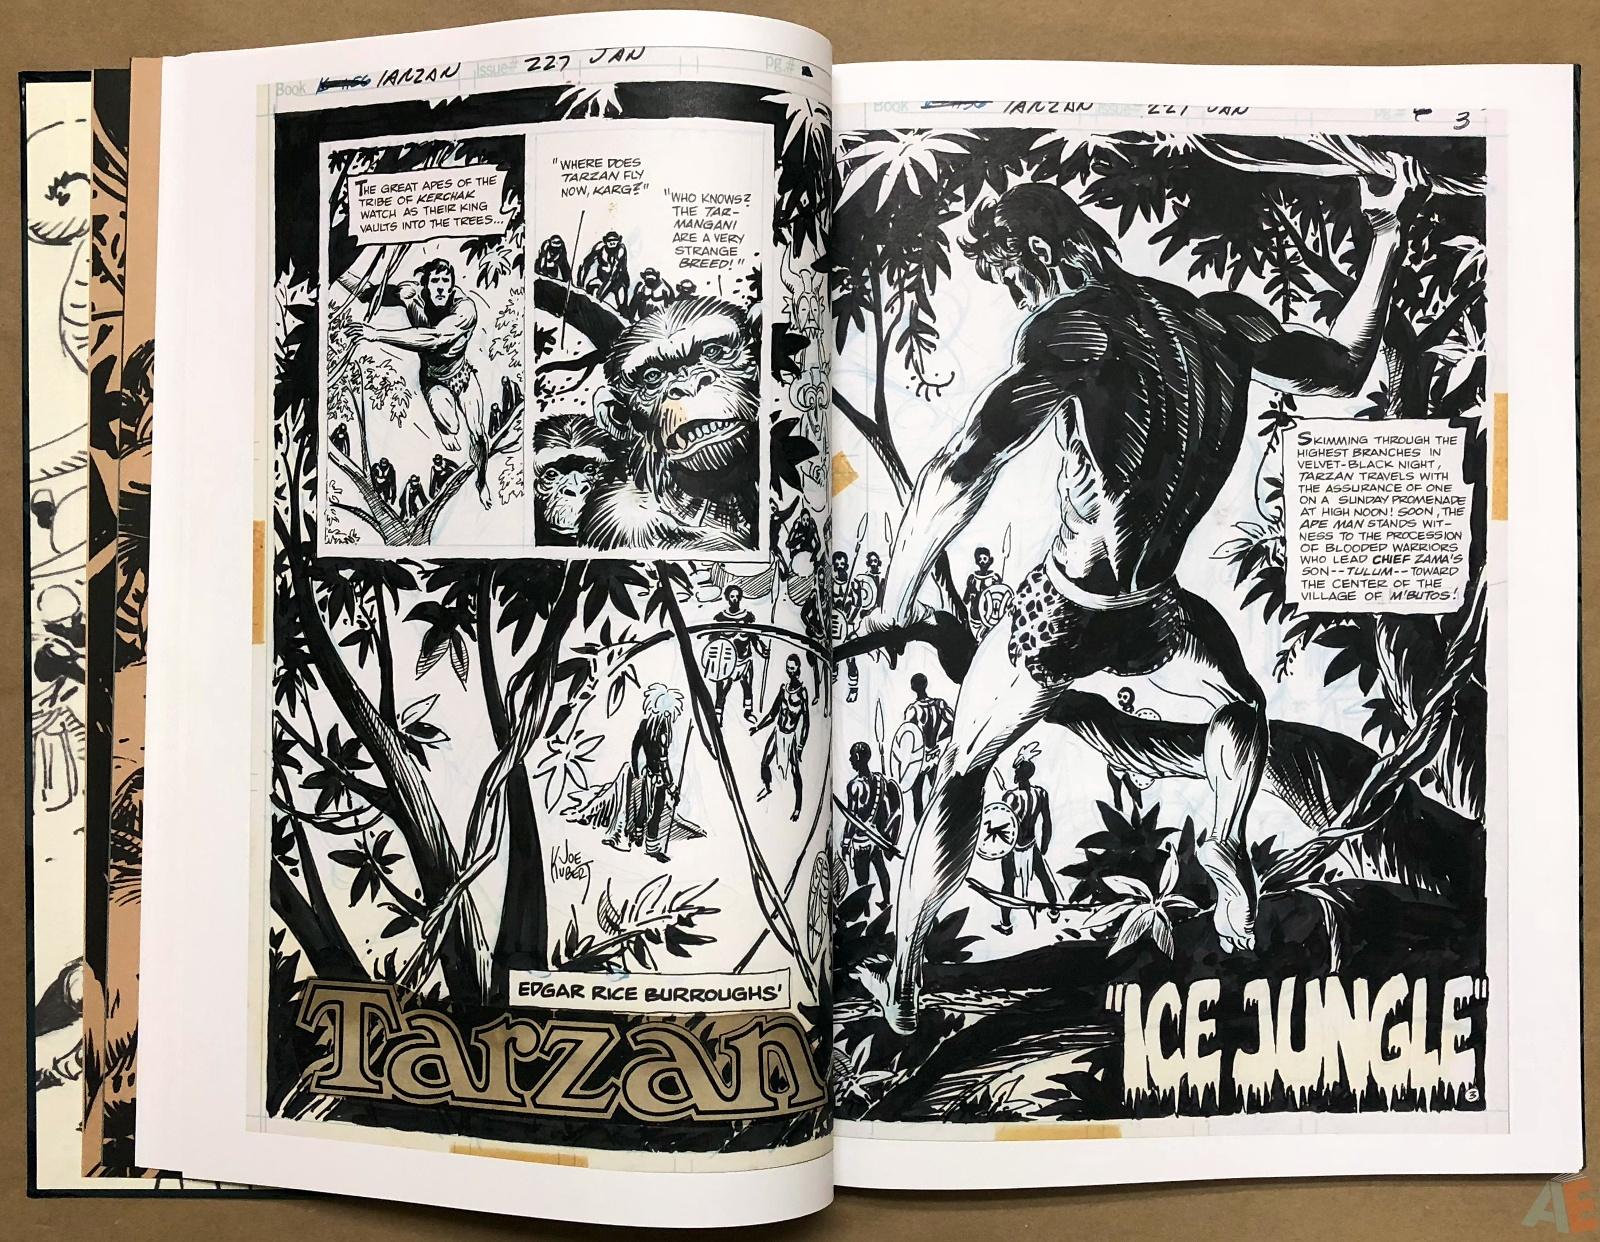 Joe Kubert's Tarzan and the Lion Man Artist's Edition 18